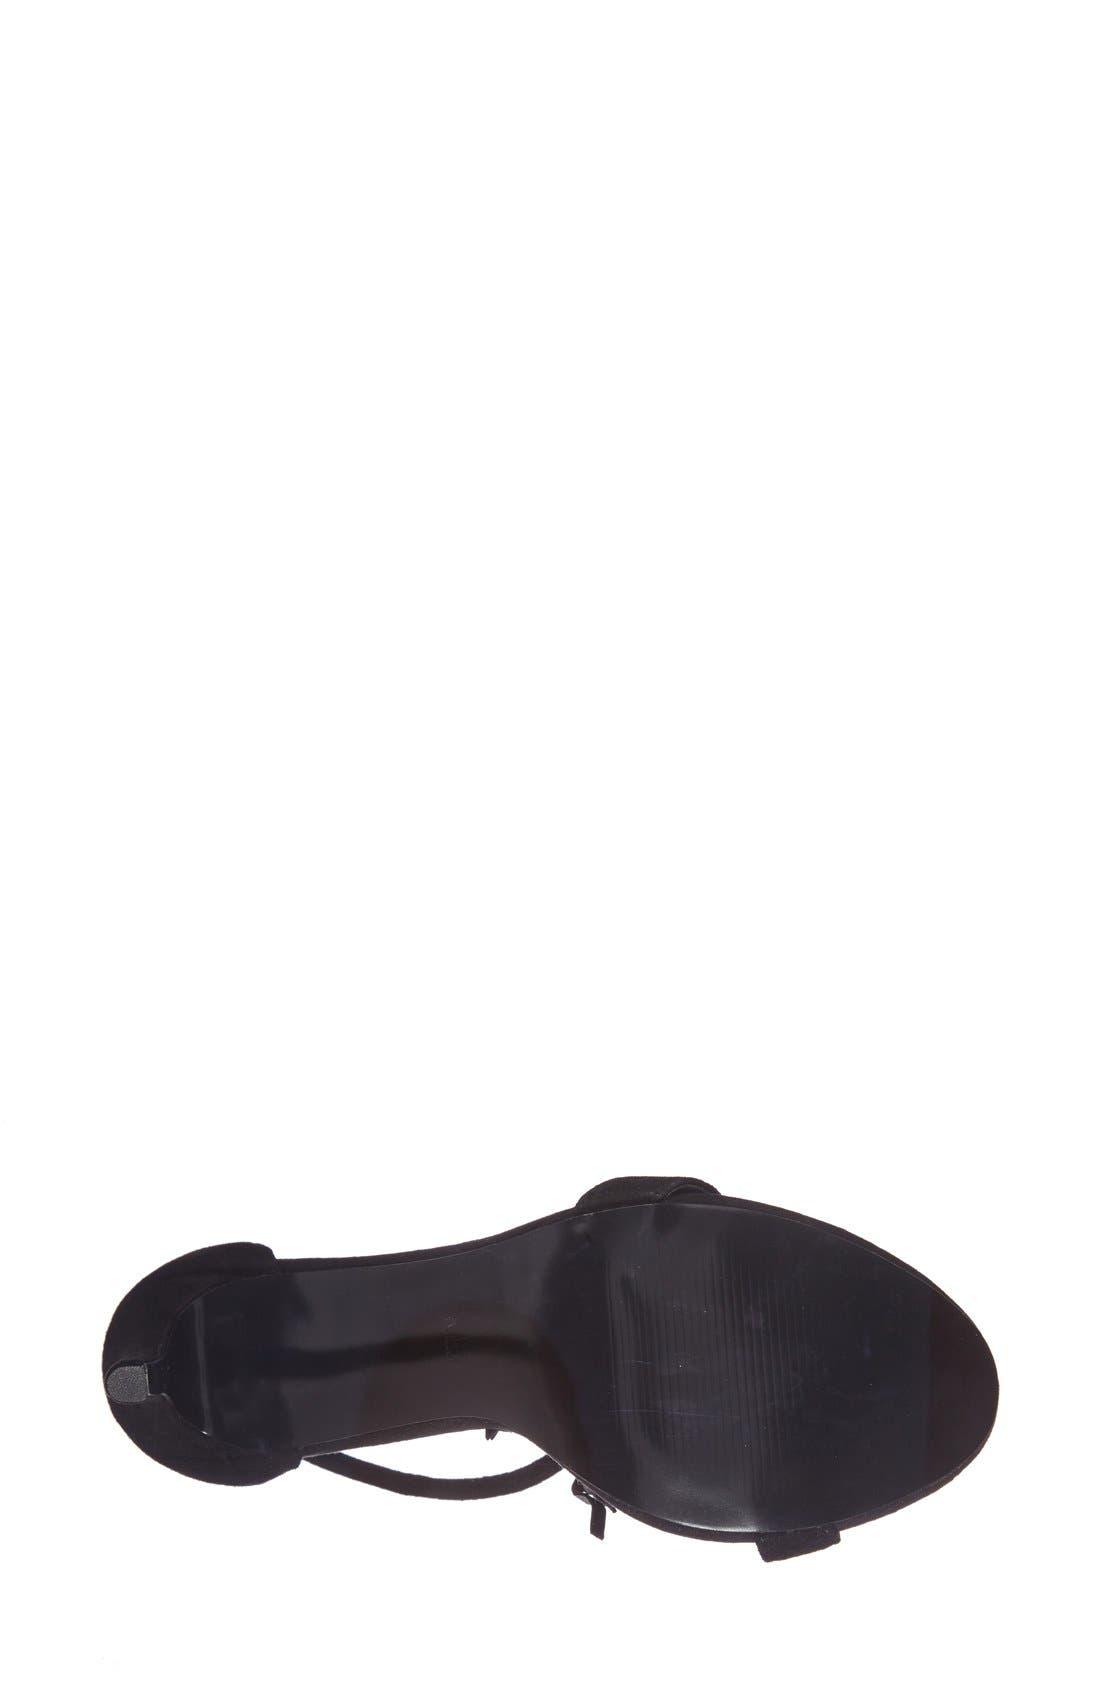 Alternate Image 4  - Steve Madden 'Sashi' Fringe Sandal (Women)